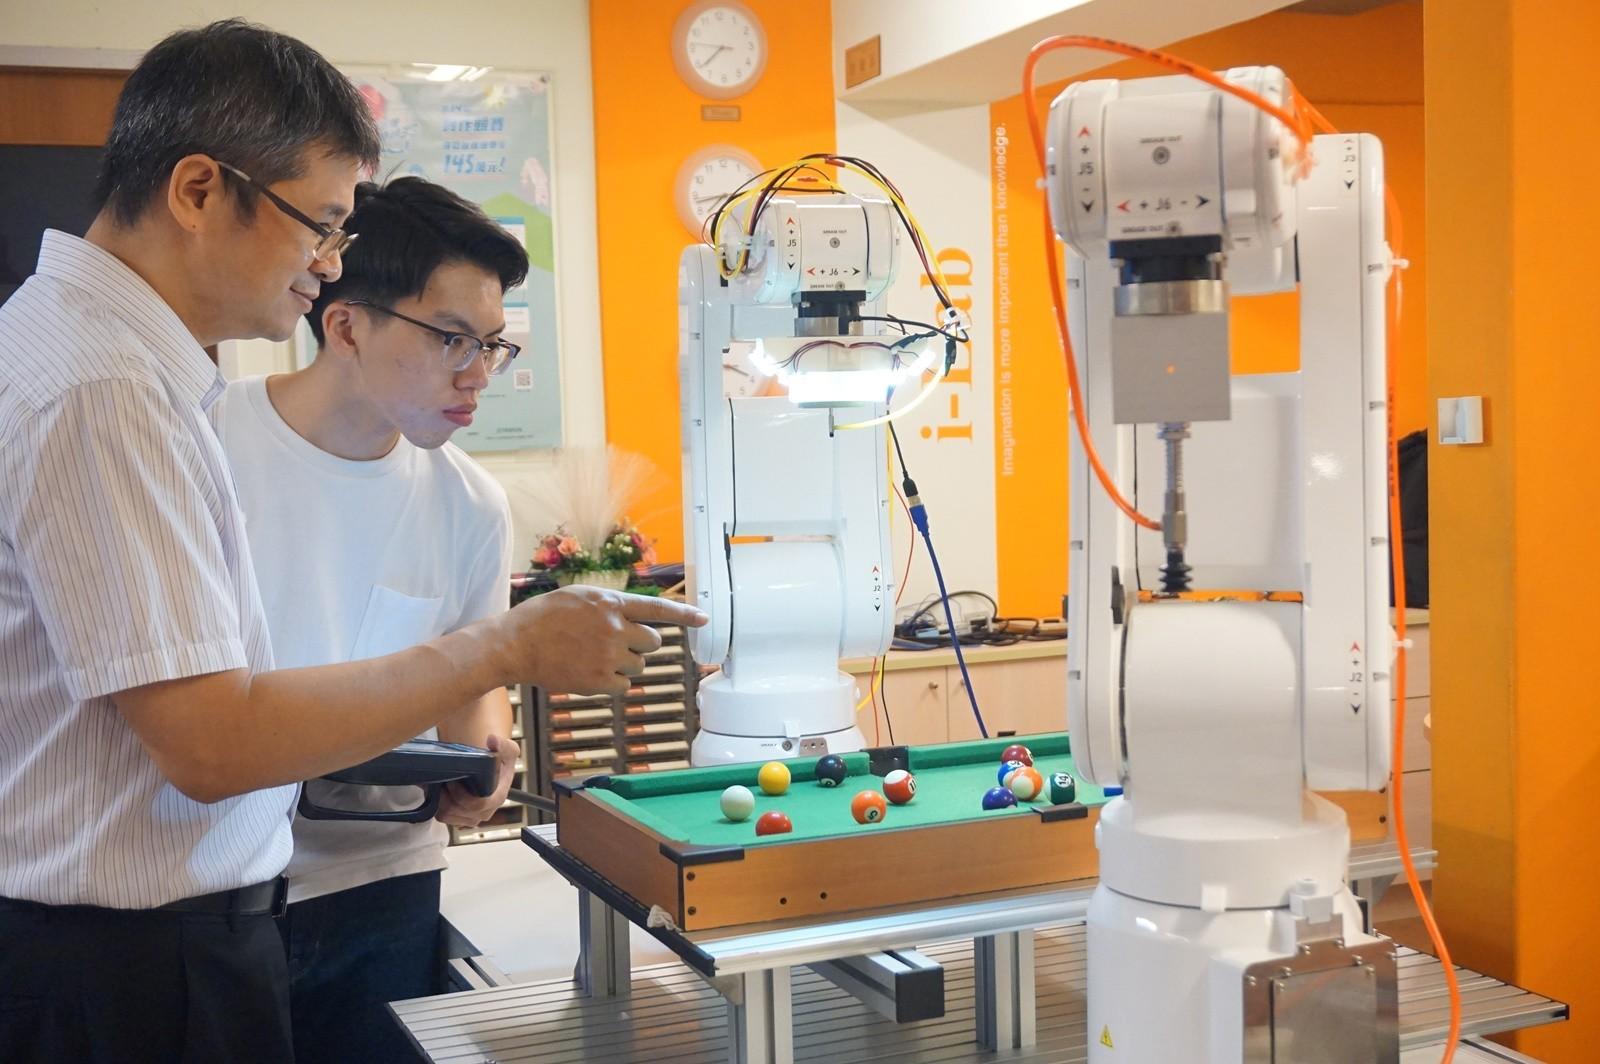 中原大學電機系機器人實驗室,推動產業合作與鏈結,媒合企業前瞻科技人才。(左為電機系主任邱謙松).jpg